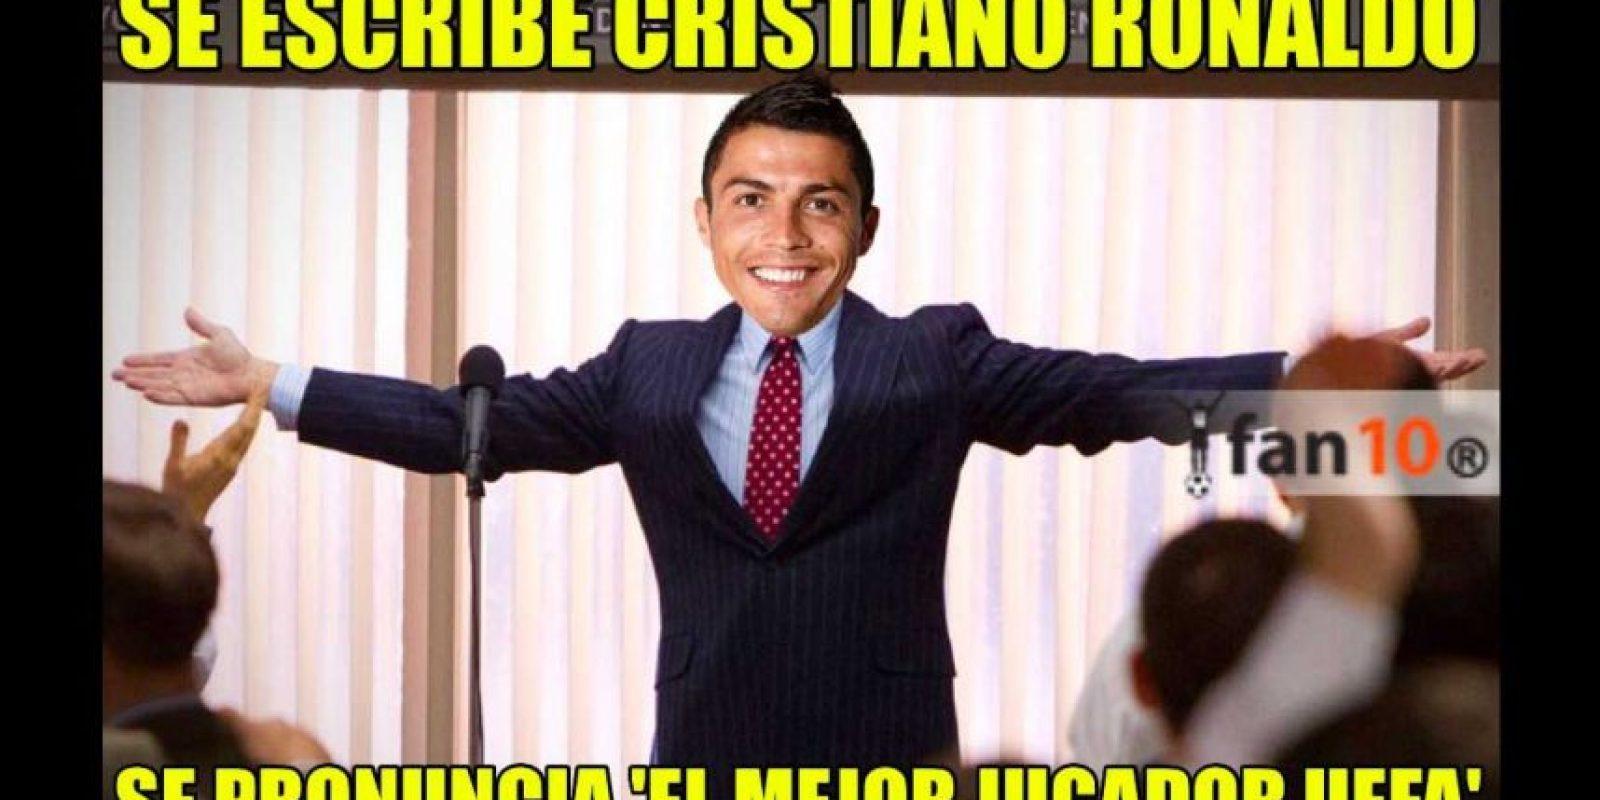 Finalmente, Cristiano Ronaldo fue nombrado el mejor jugador de la UEFA. Foto:Vía twitter.com